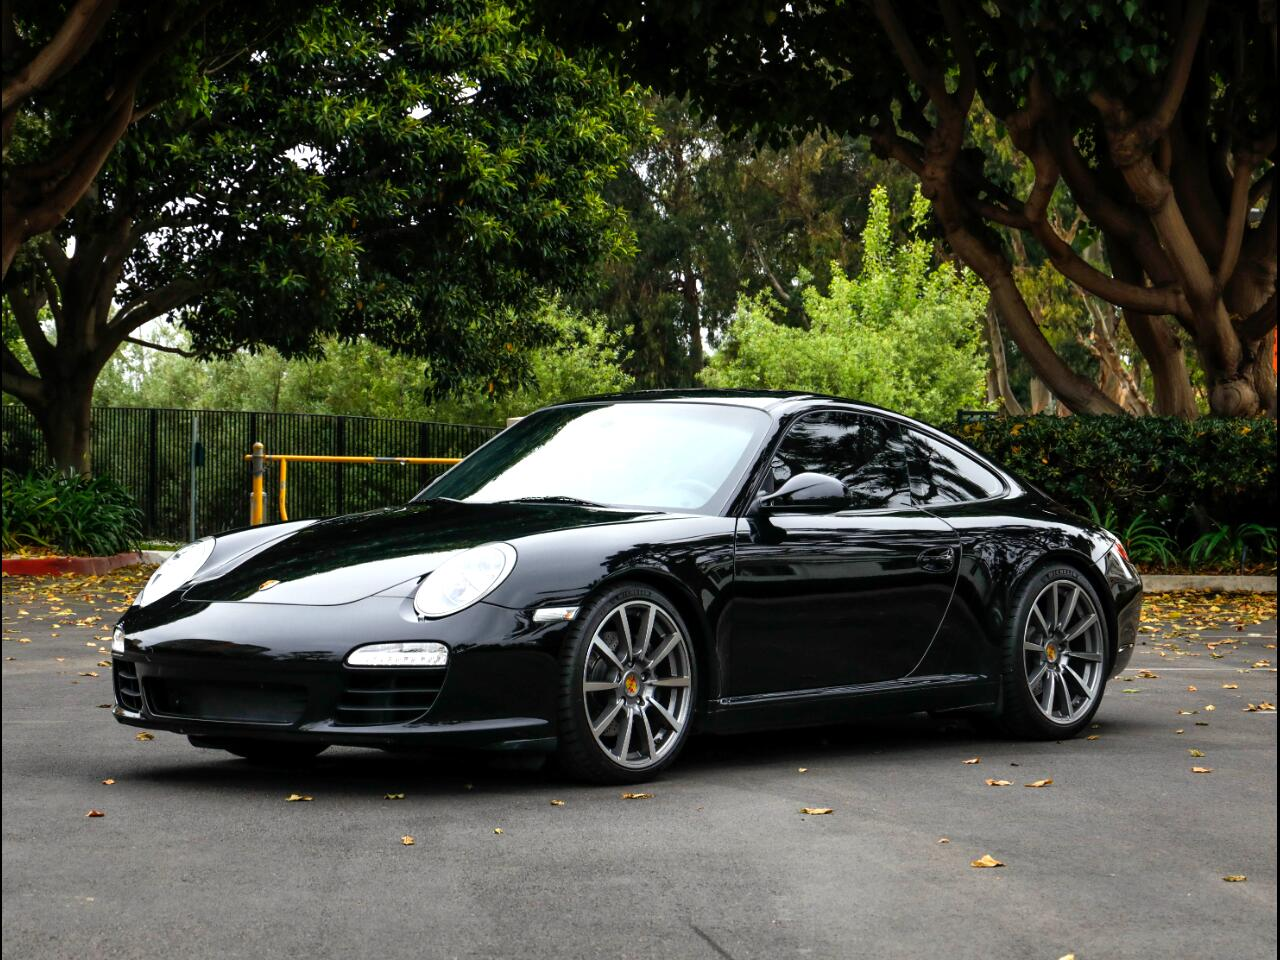 2009 Porsche 911 997.2 Carrera Coupe